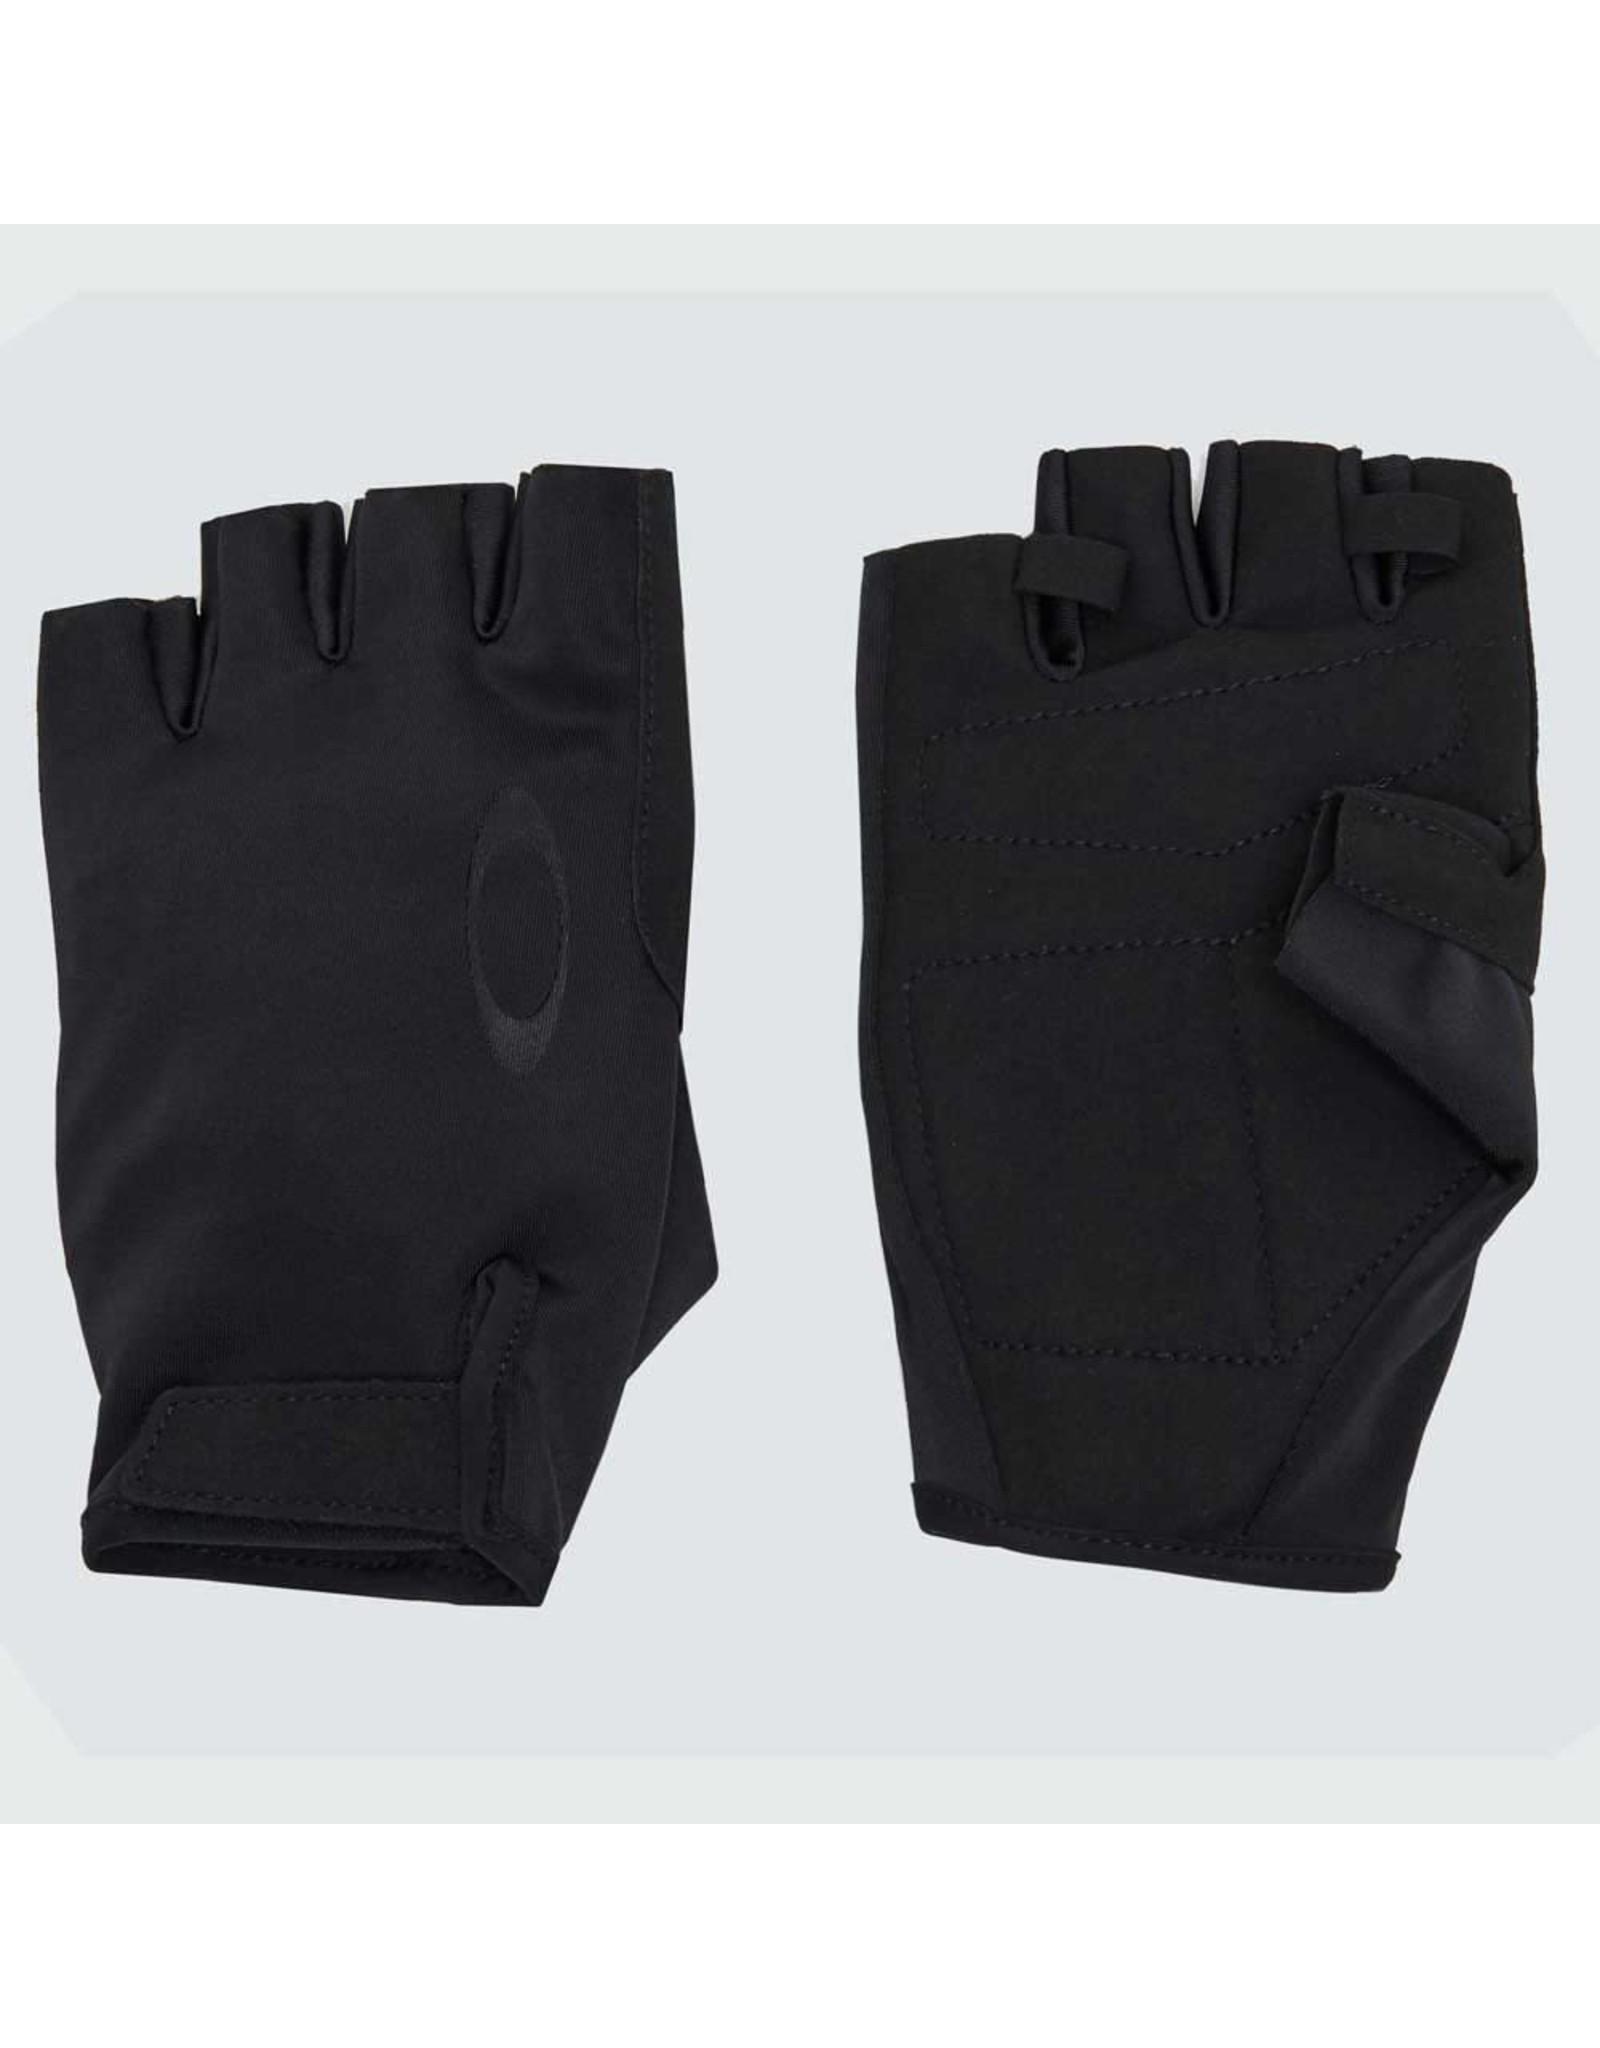 Oakley Oakley - Mitt/Gloves 2.0 Blackout S/M